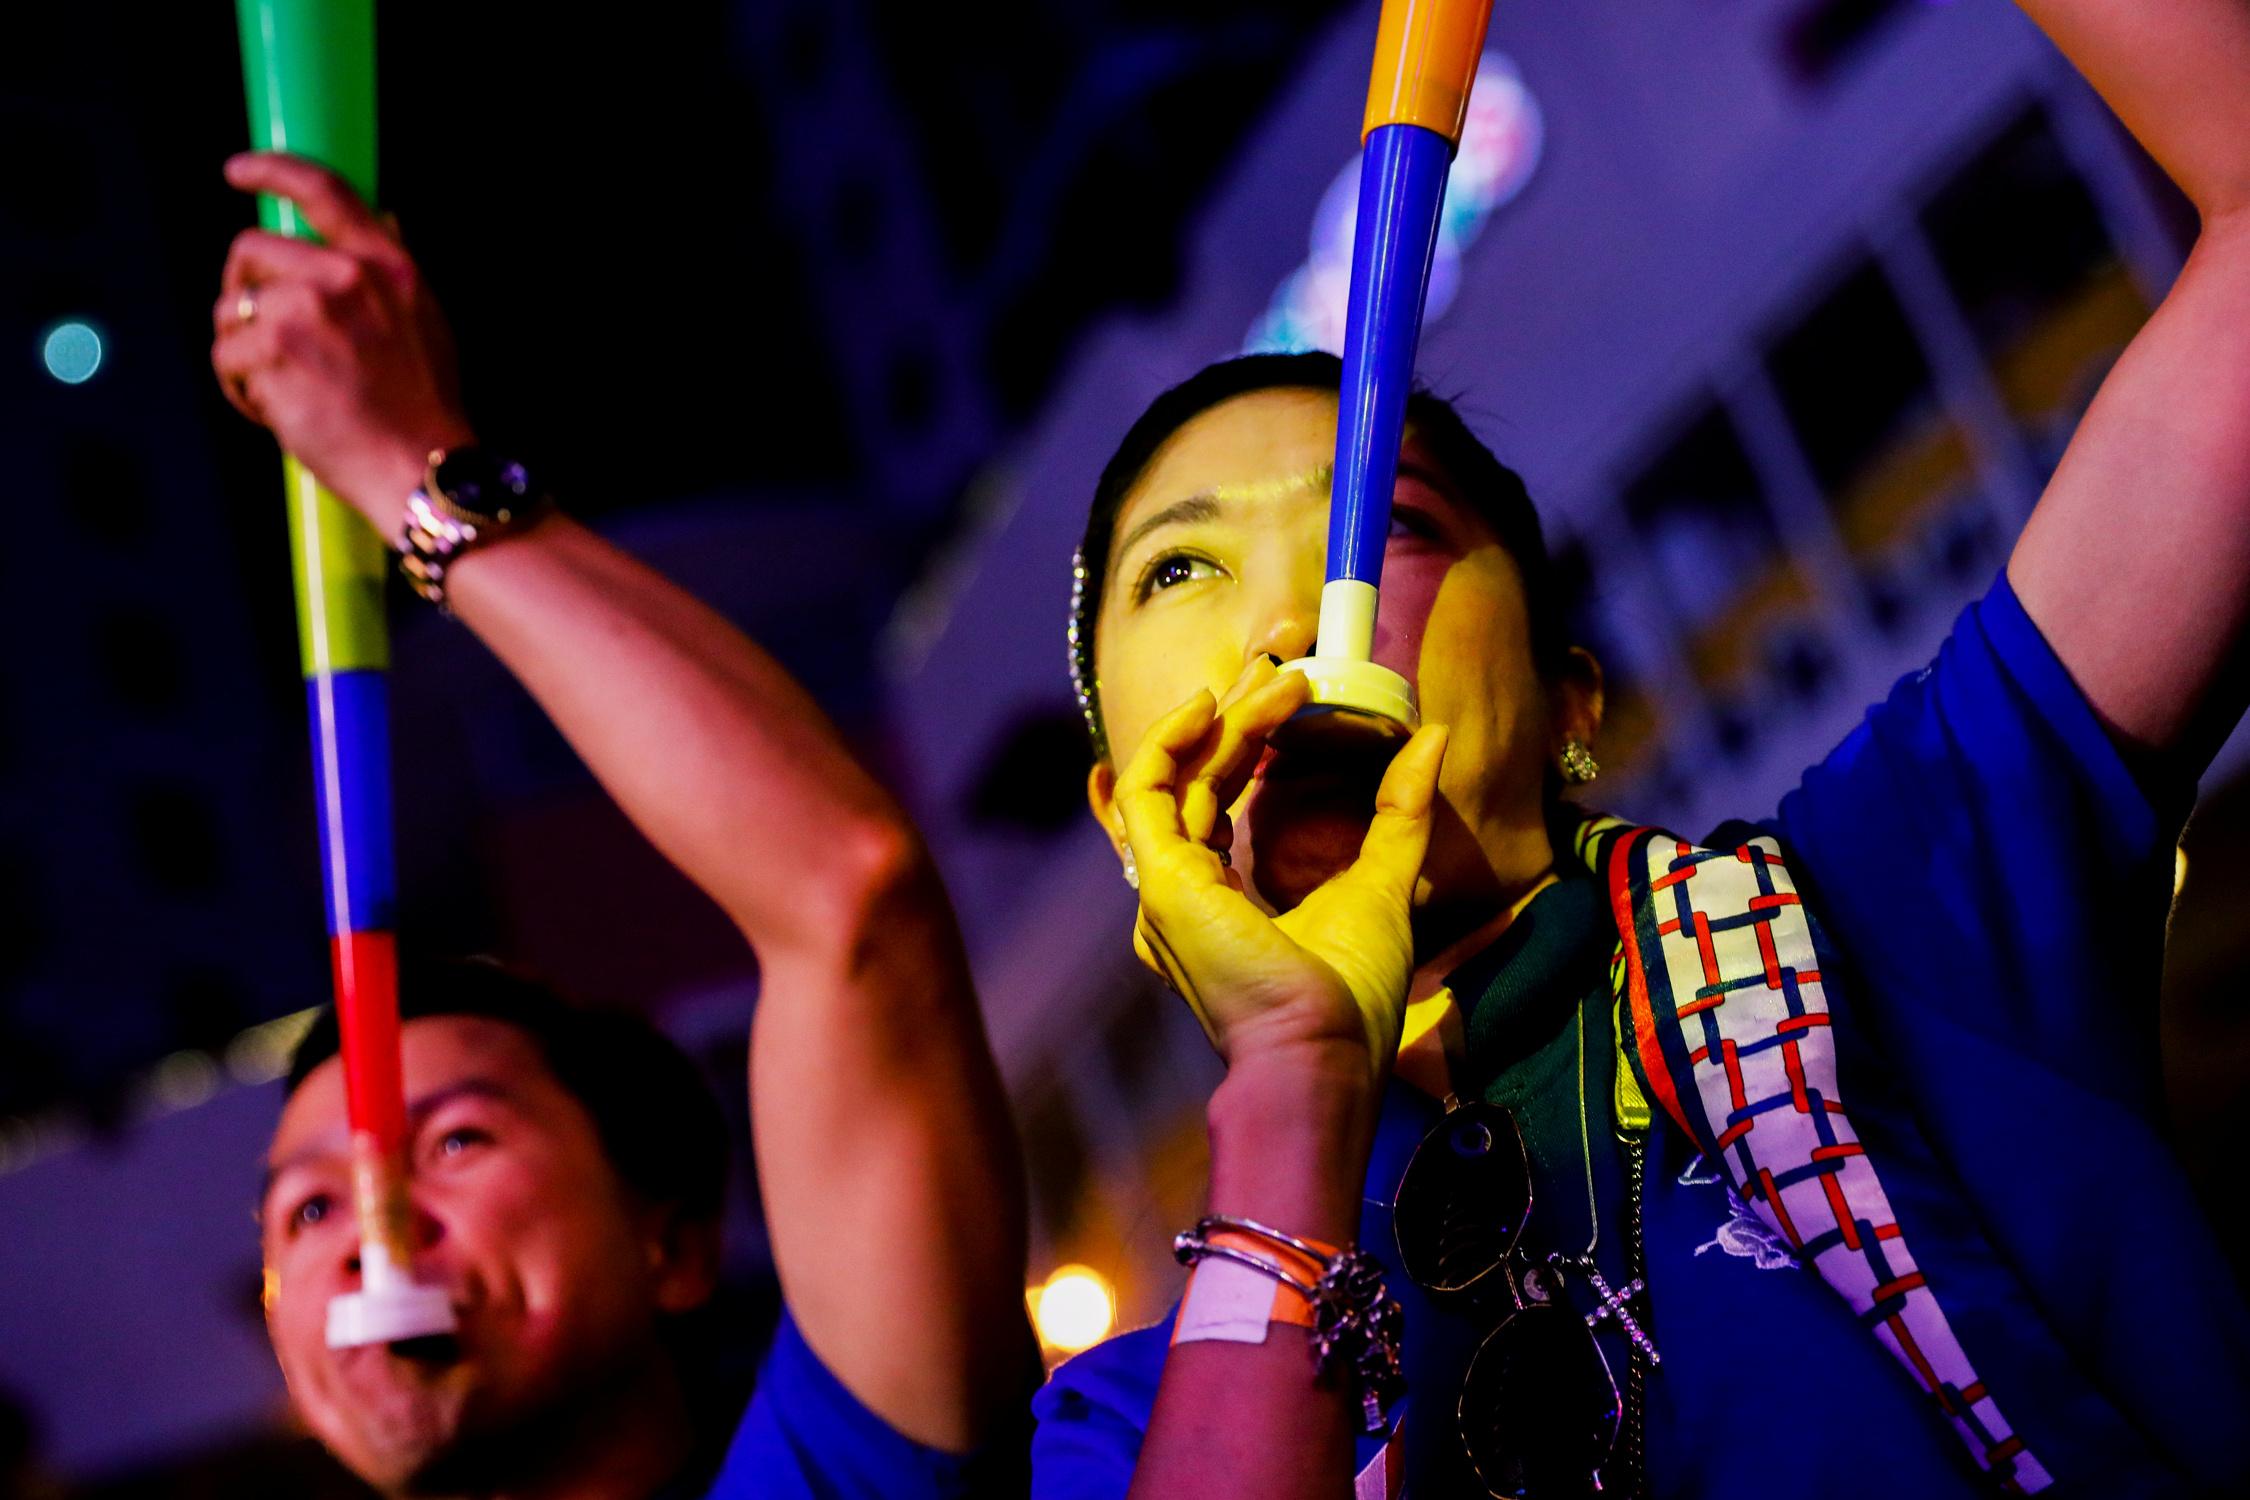 Festejos con trompetas de colores en las calles de Manila, Filipinas